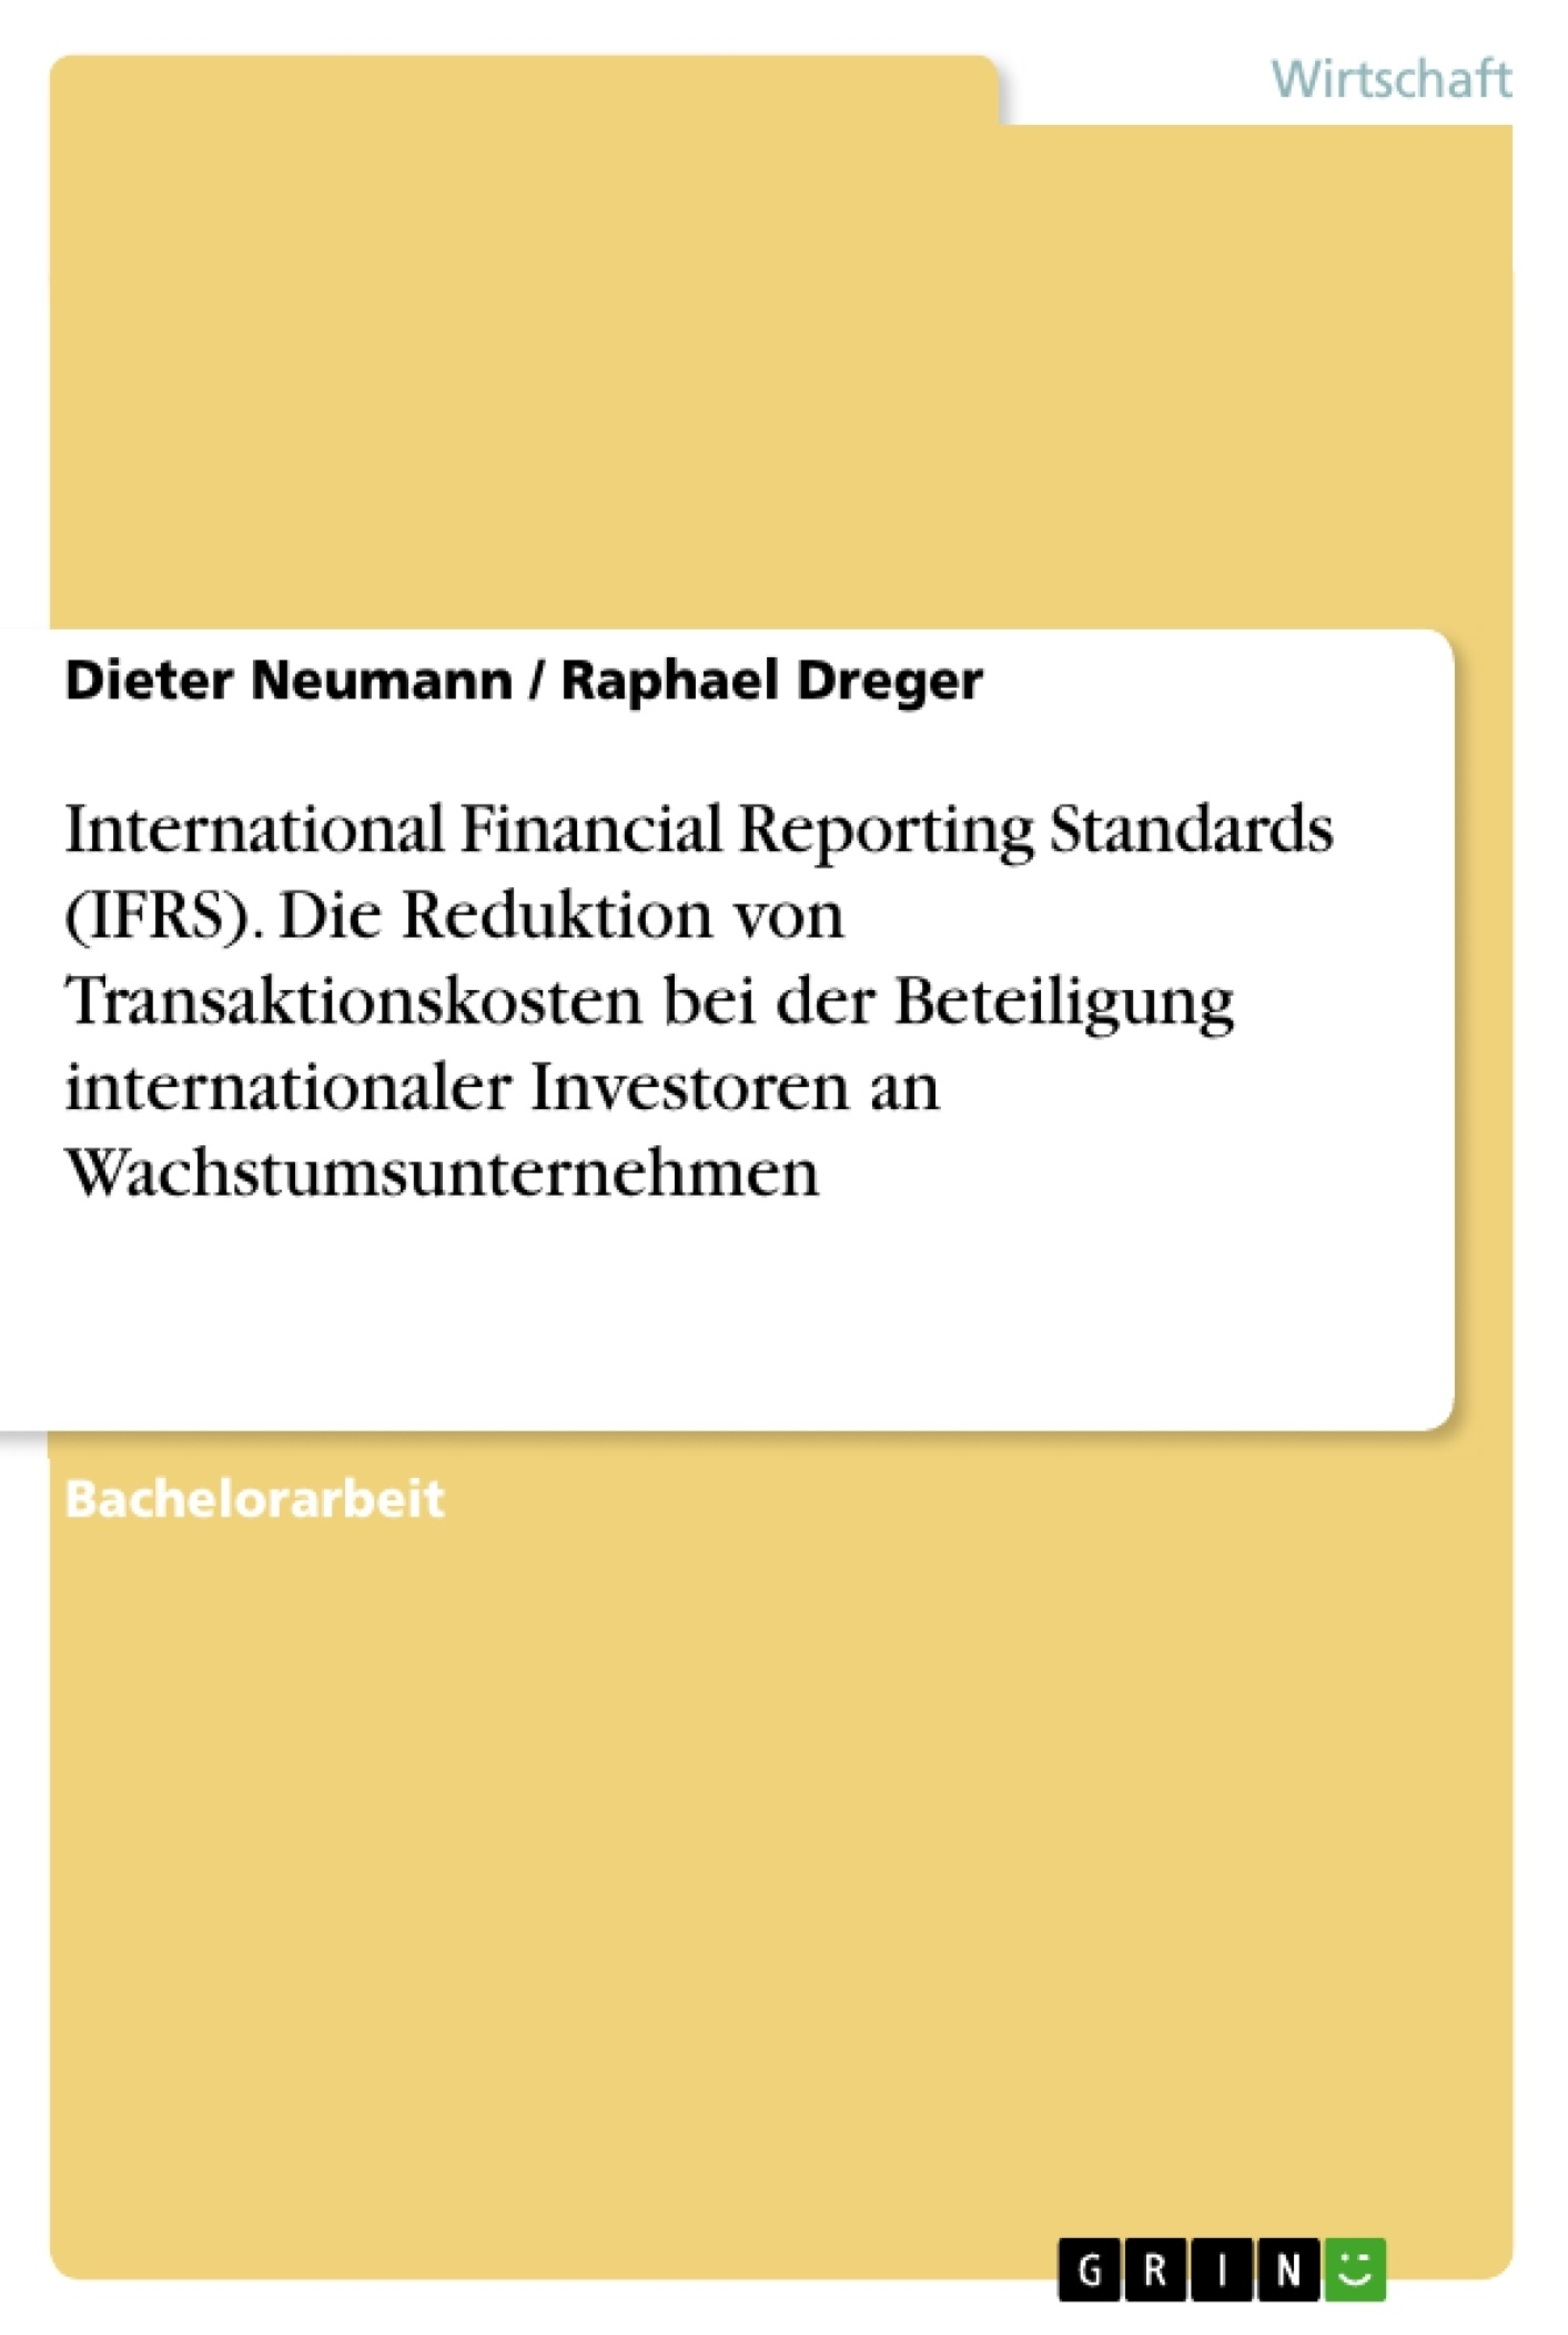 Titel: International Financial Reporting Standards (IFRS). Die Reduktion von Transaktionskosten bei der Beteiligung internationaler Investoren an Wachstumsunternehmen